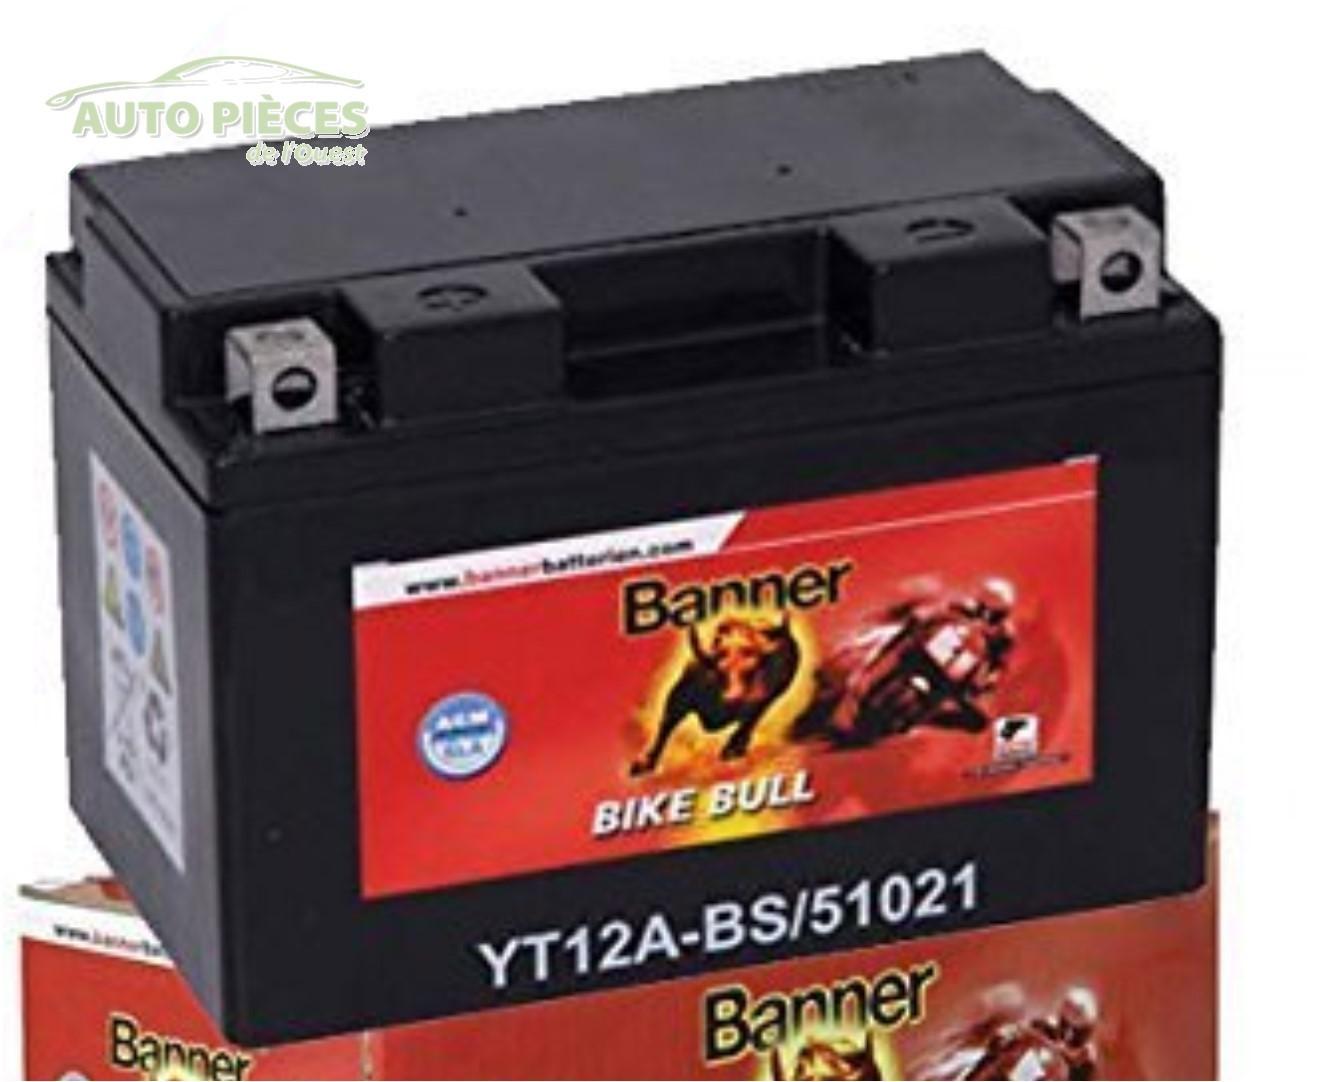 batterie moto quad banner bike bull gel 12v 10ah ytz12a bs eur 58 80 picclick fr. Black Bedroom Furniture Sets. Home Design Ideas